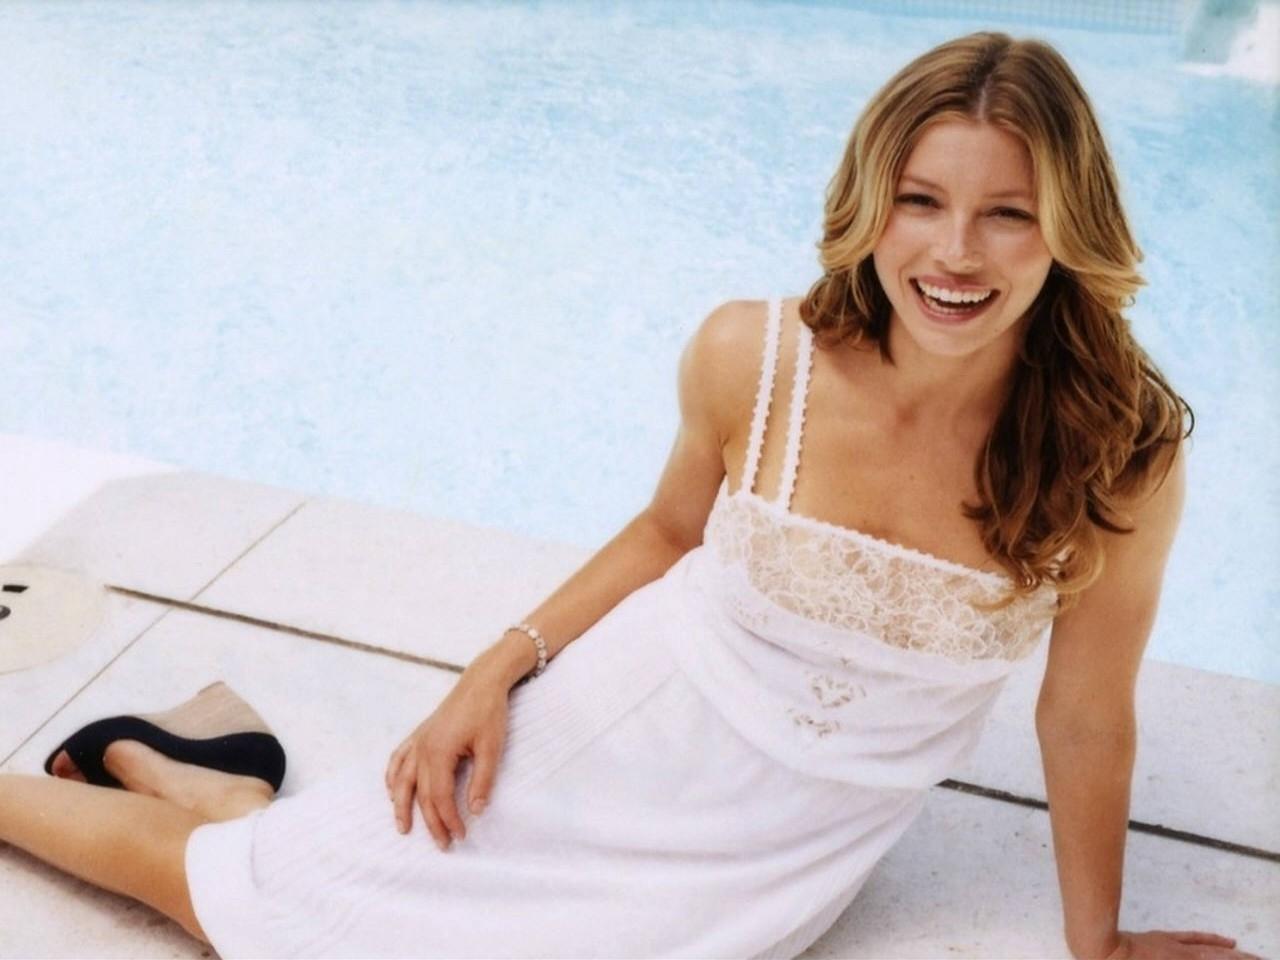 Wallpaper -  Jessica Biel a bordo piscina